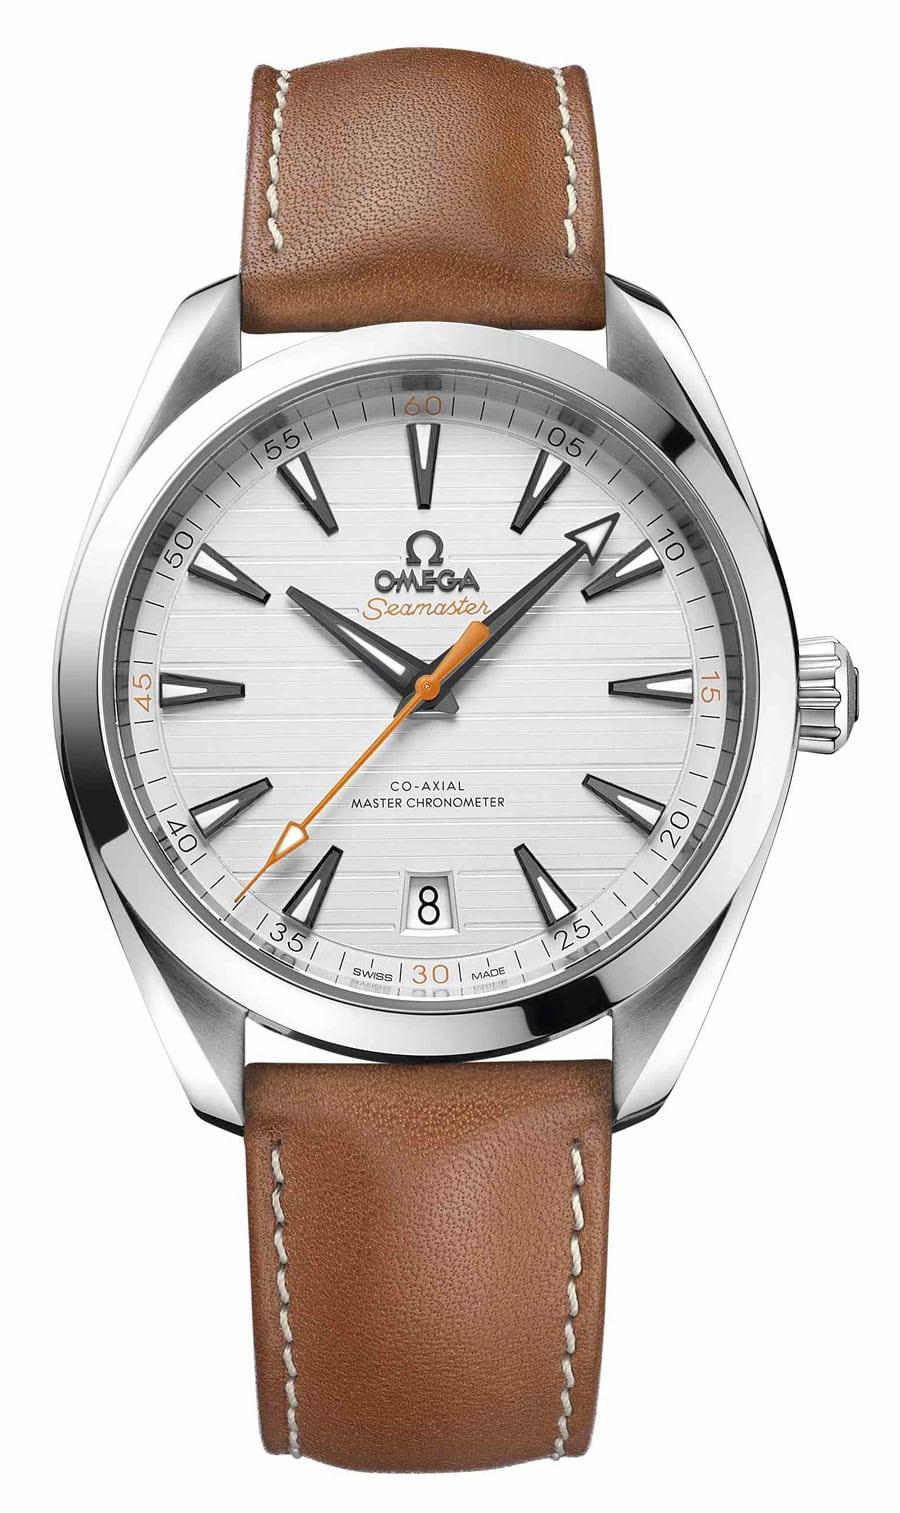 Omega: Seamaster Aqua Terra Master Chronometer in Edelstahl an braunem Lederband